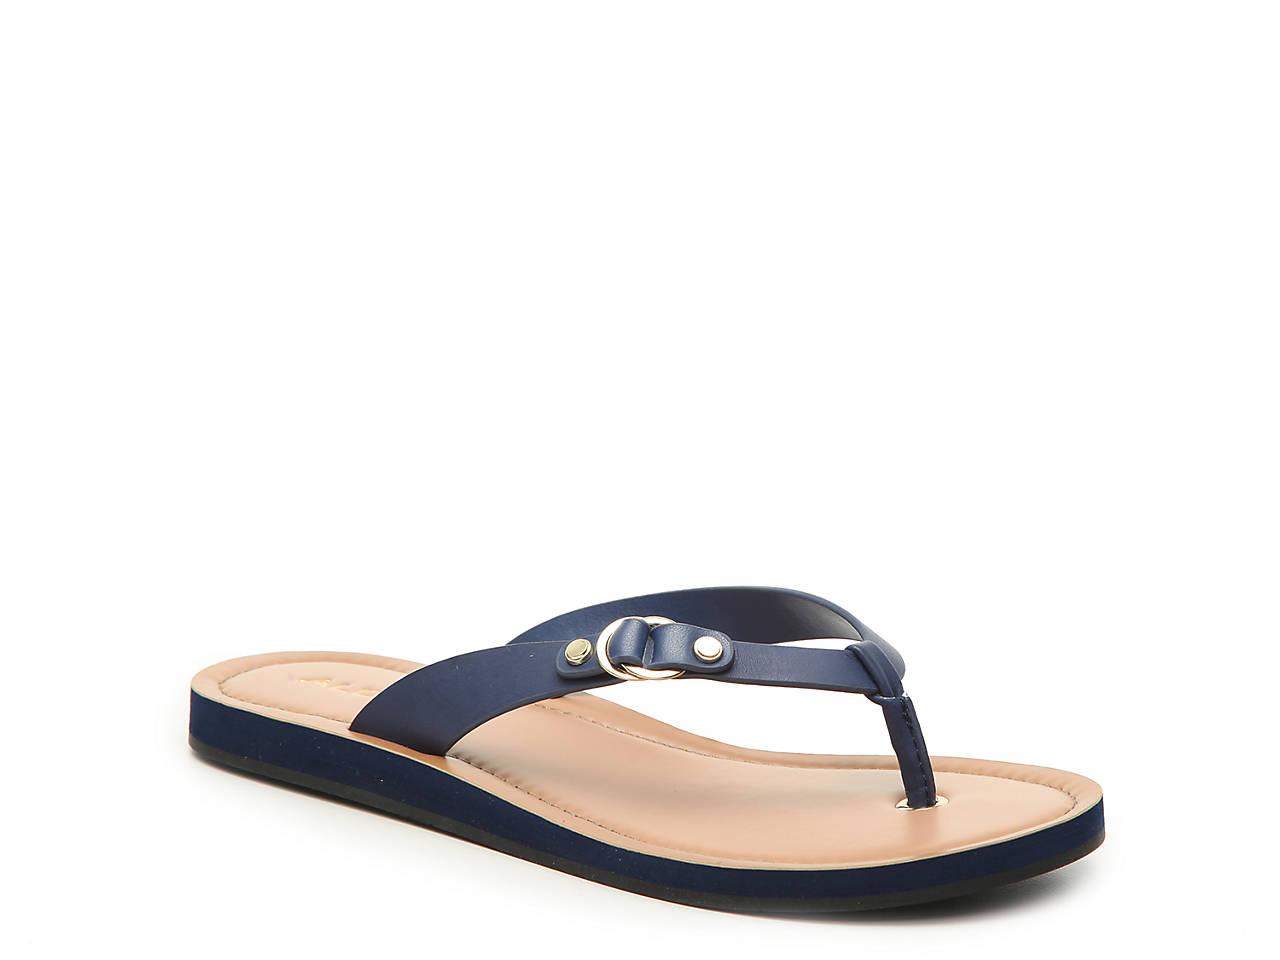 b8d307f75 Aldo Meringwen Flip Flop Women s Shoes